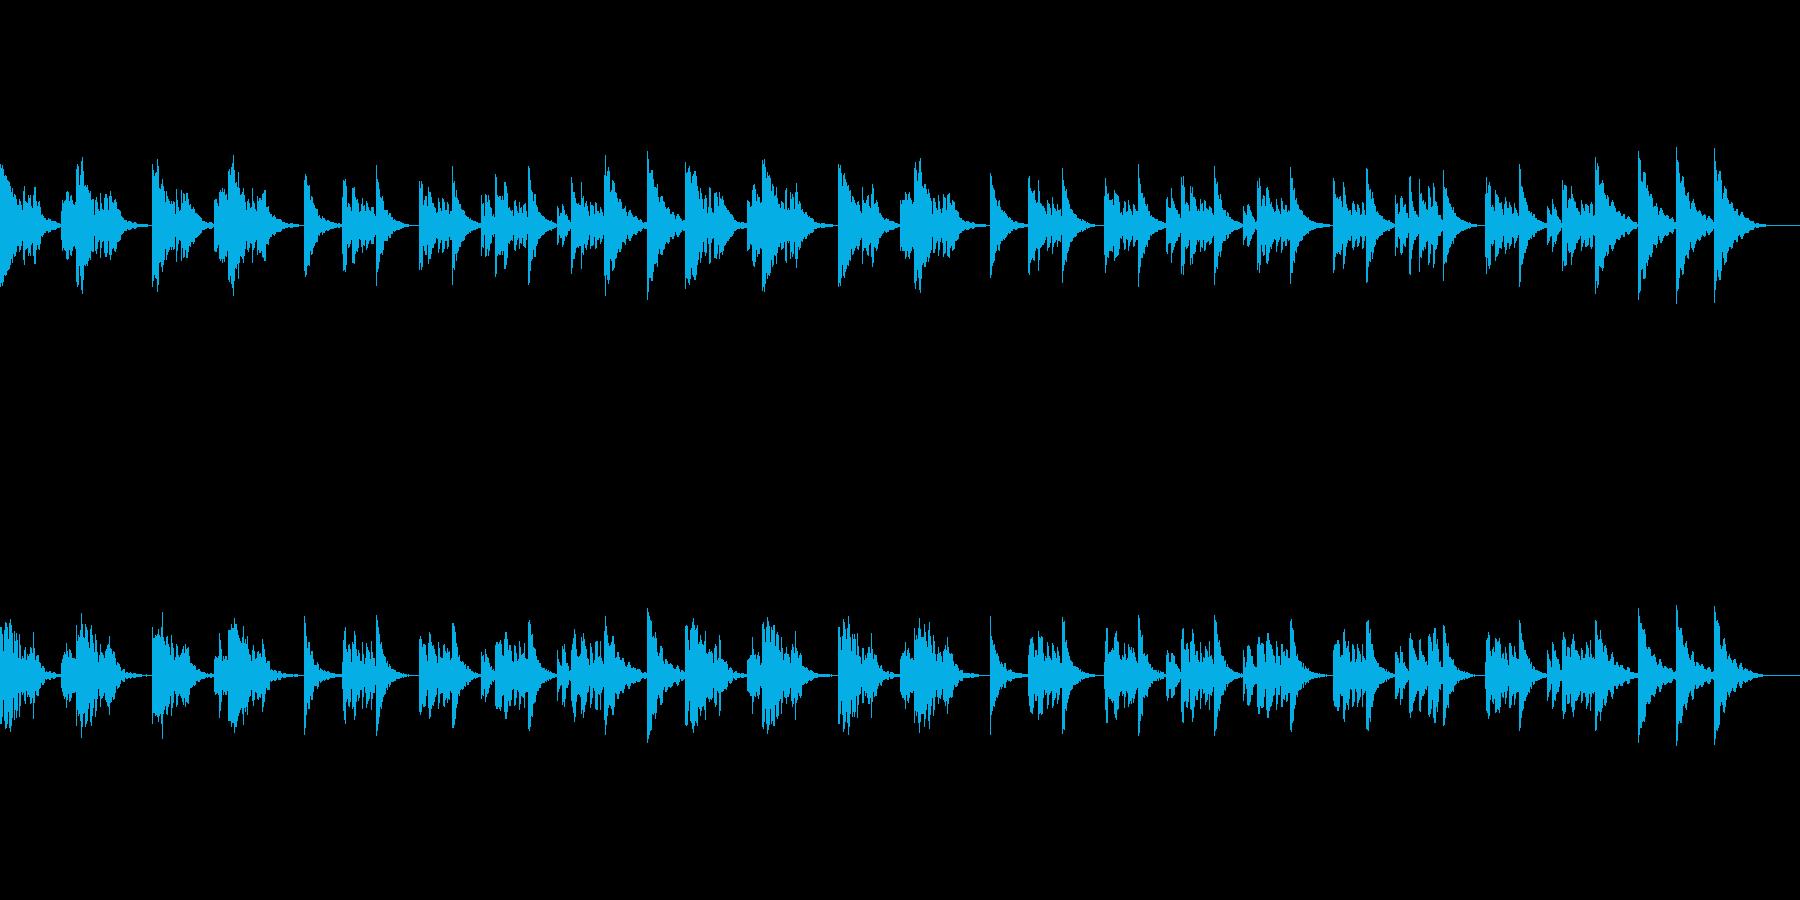 静かなポップスメロディのオルゴールBGMの再生済みの波形